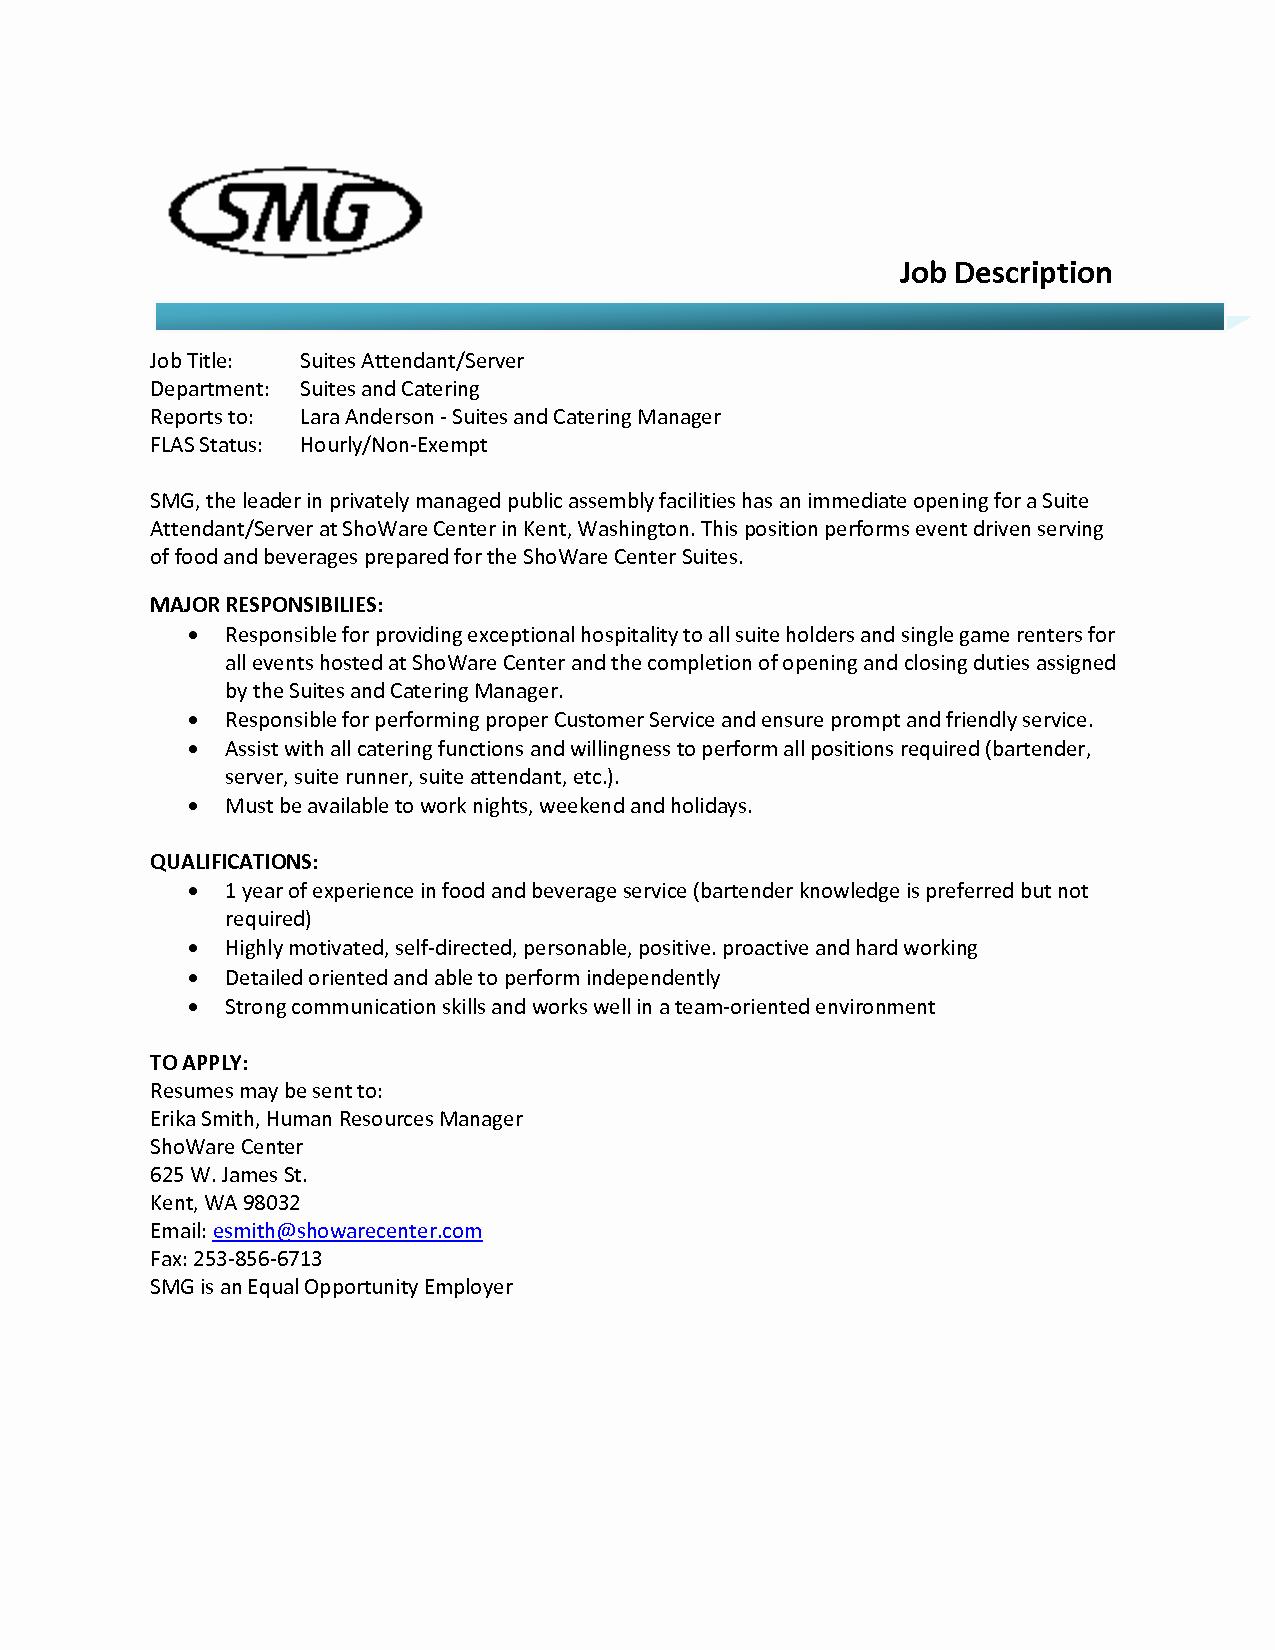 Bar Manager Job Description Resume Lovely Food and Beverage attendant Resume Cover Letter Samples